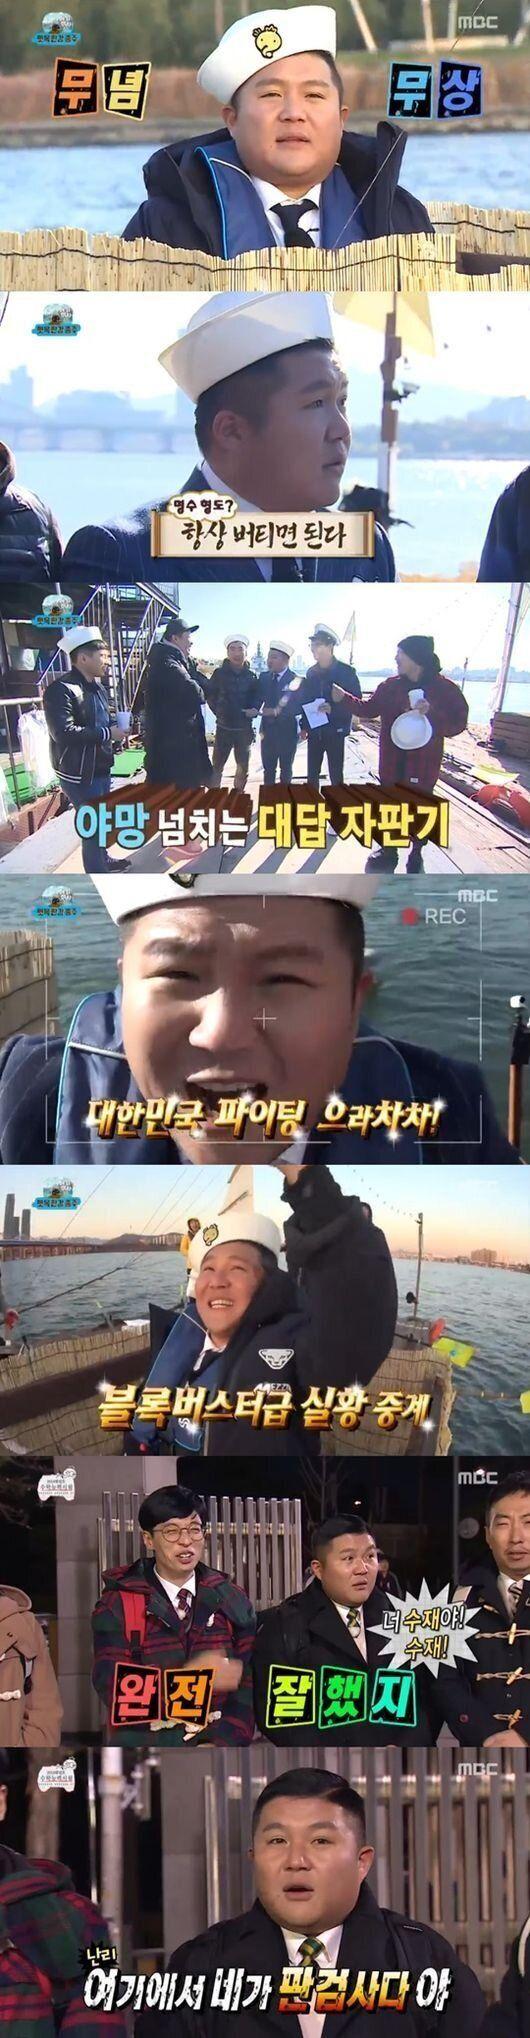 [어저께TV] '무한도전' 조세호, 한강 종주 하드캐리한 '고정